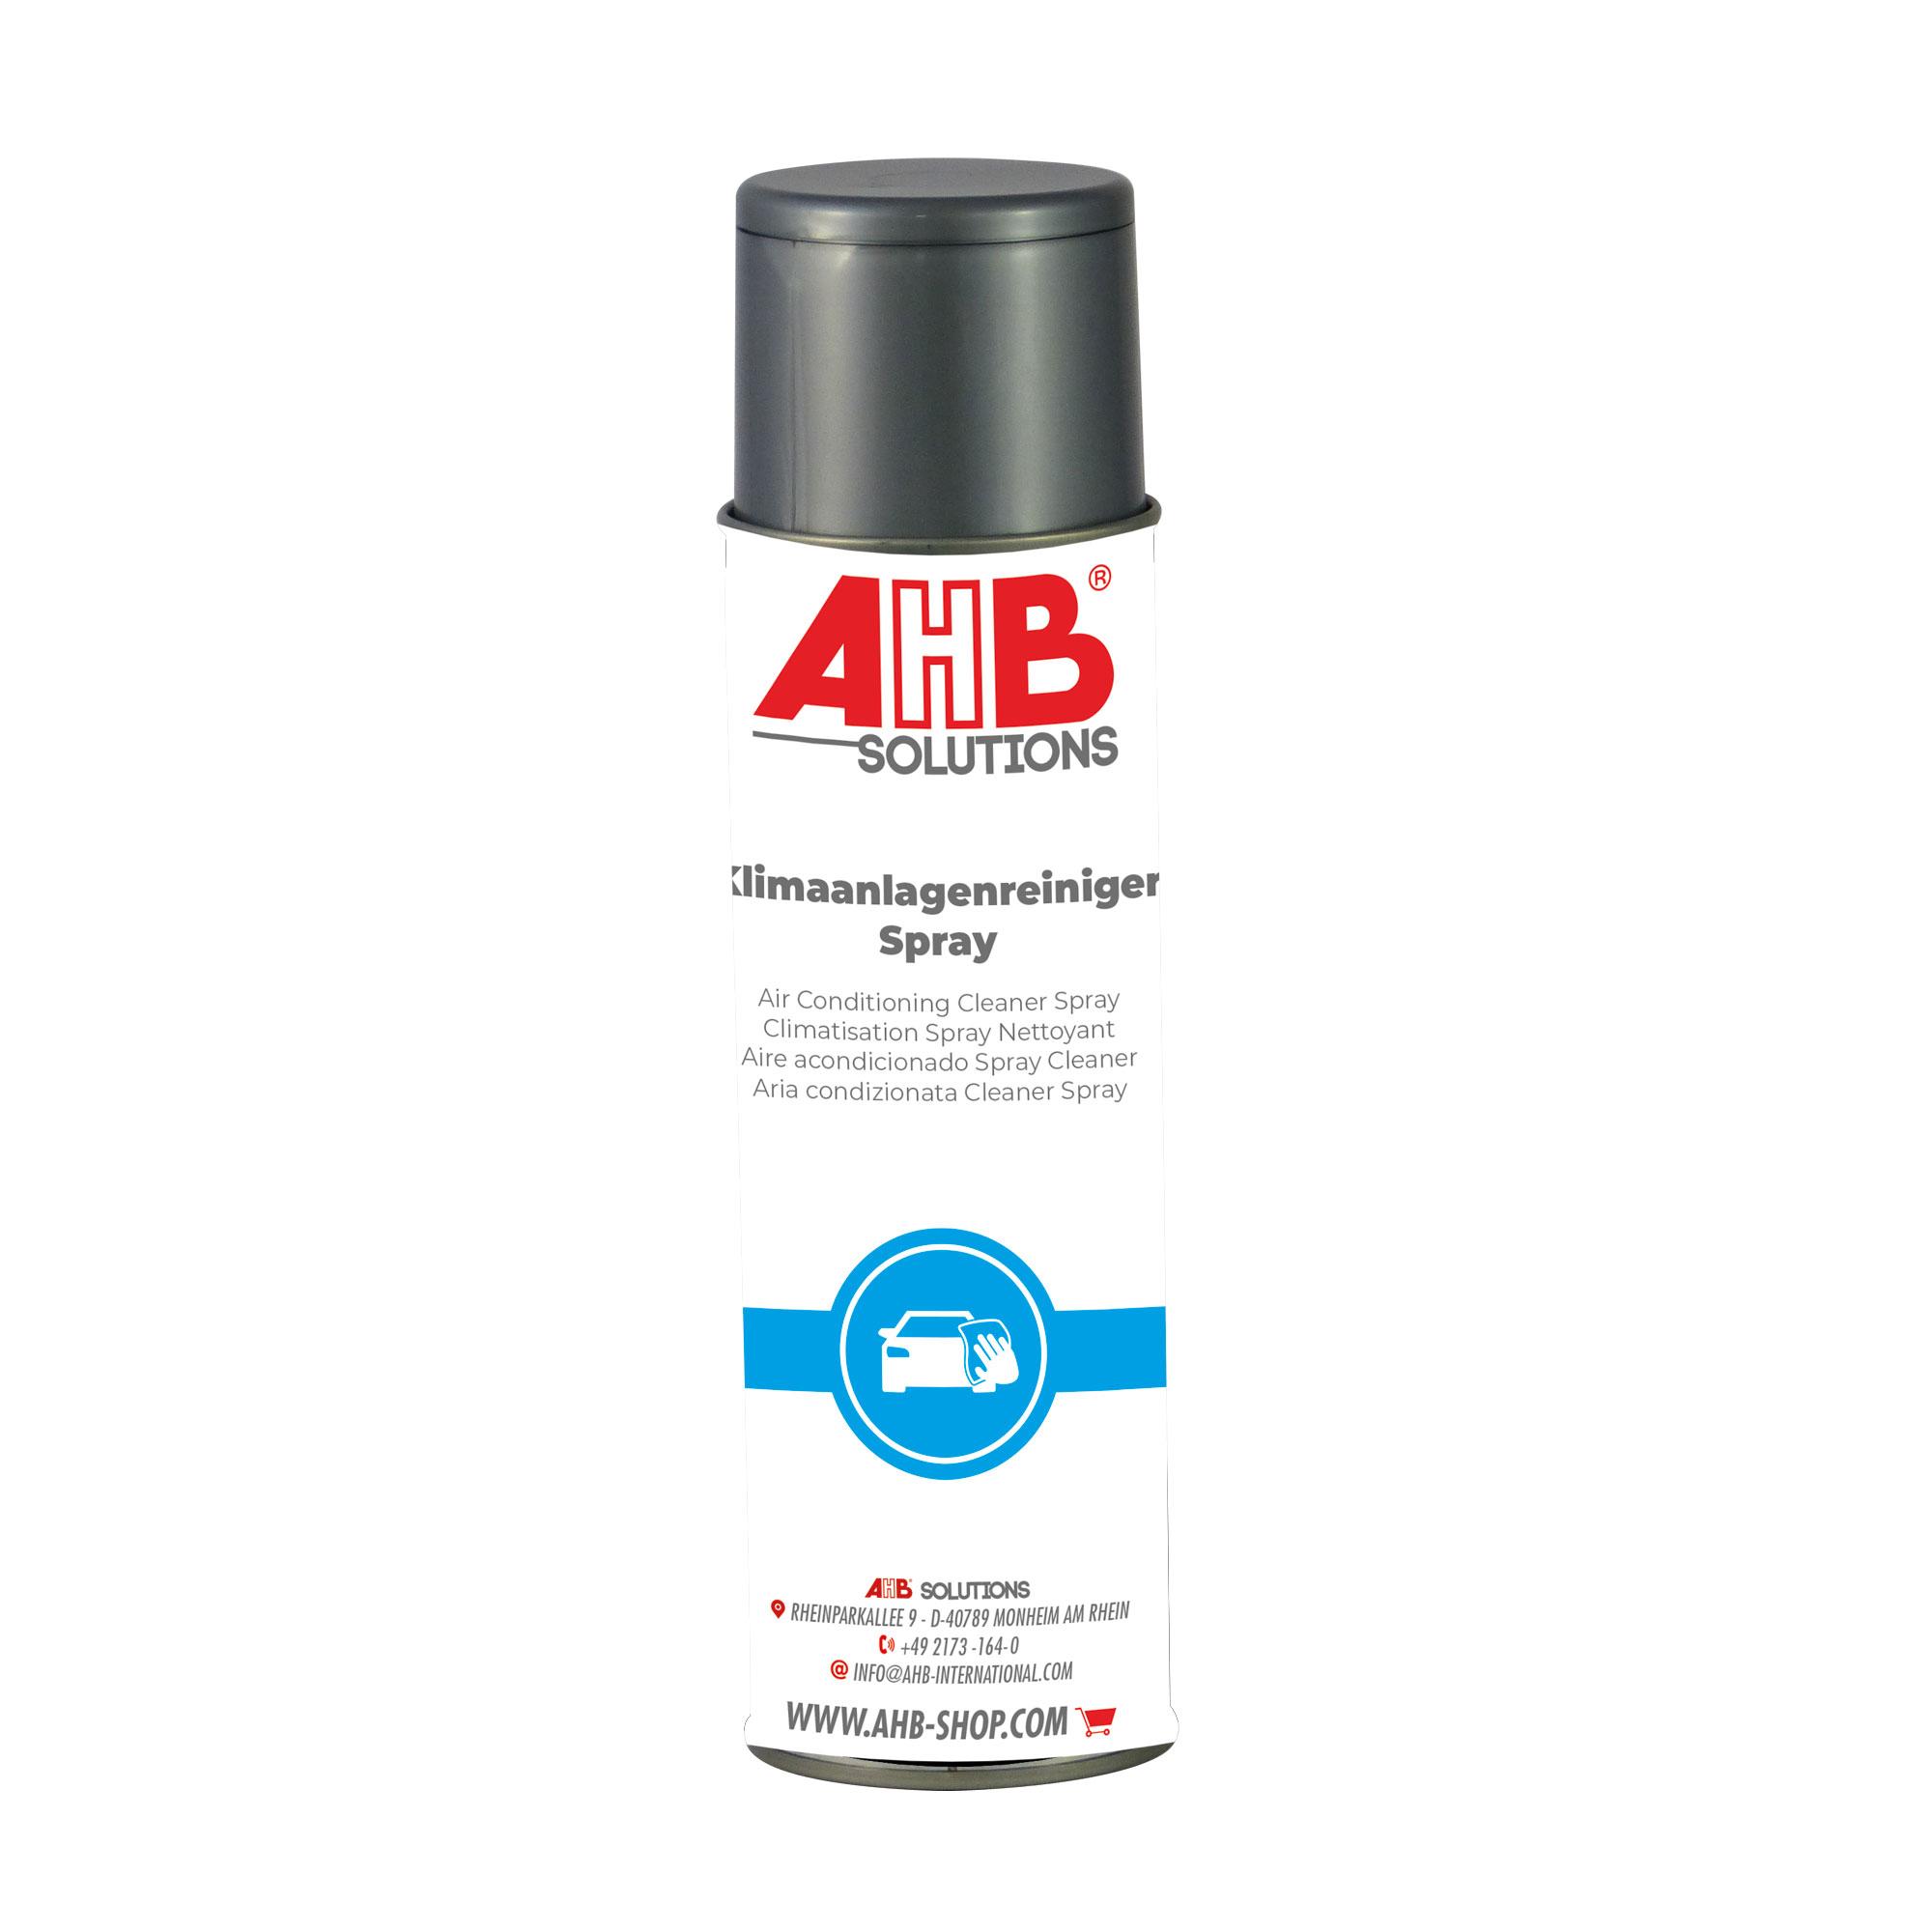 Klimaanlagenreiniger-Spray